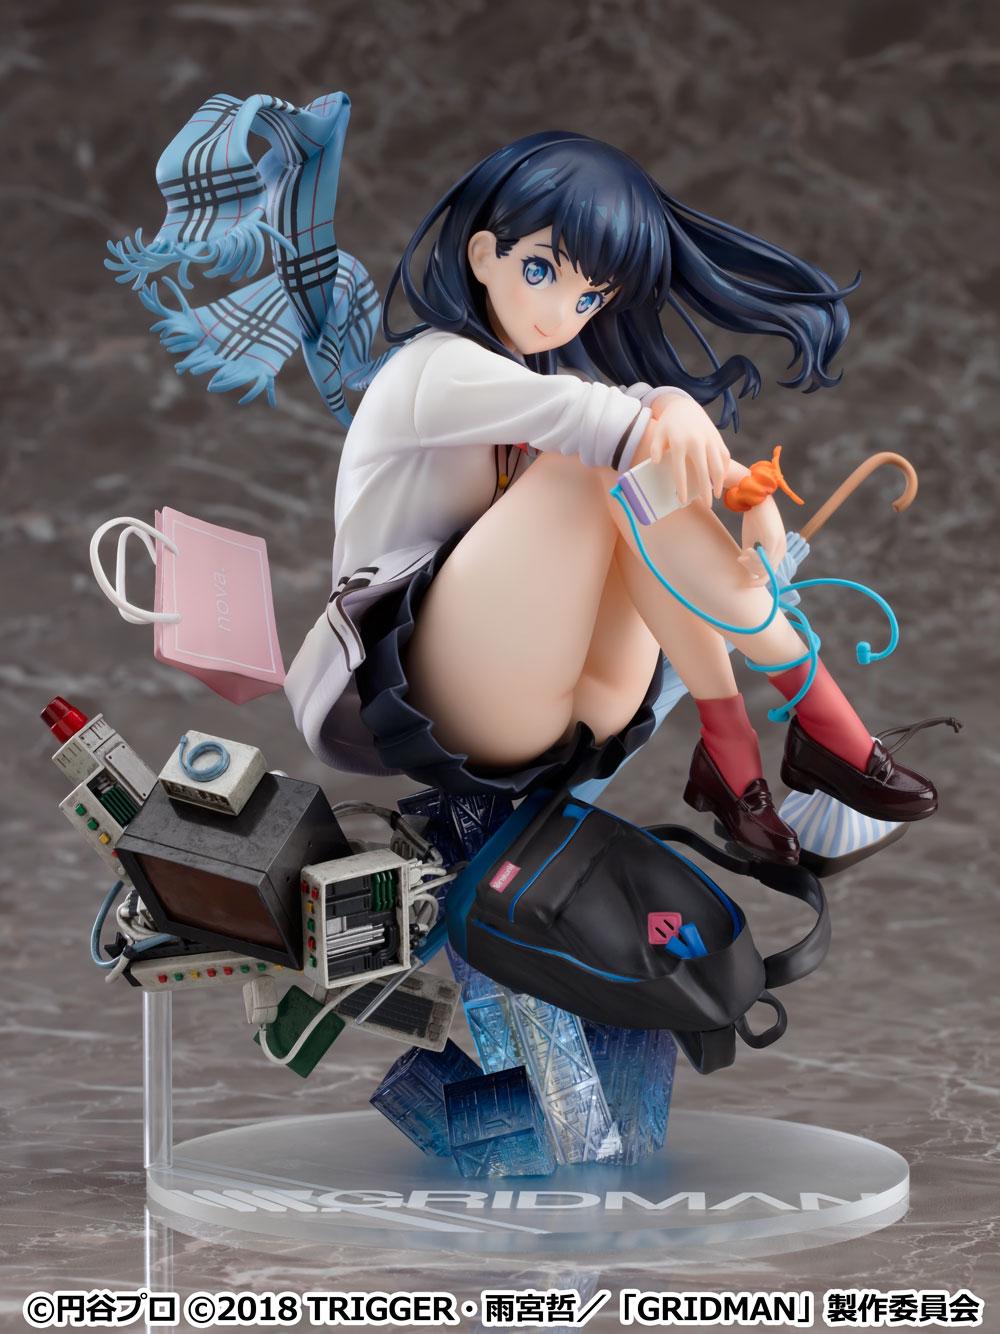 TVアニメ『SSSS.GRIDMAN』より、ヒロイン「宝多六花」がハイクオリティスケールフィギュアと... 画像